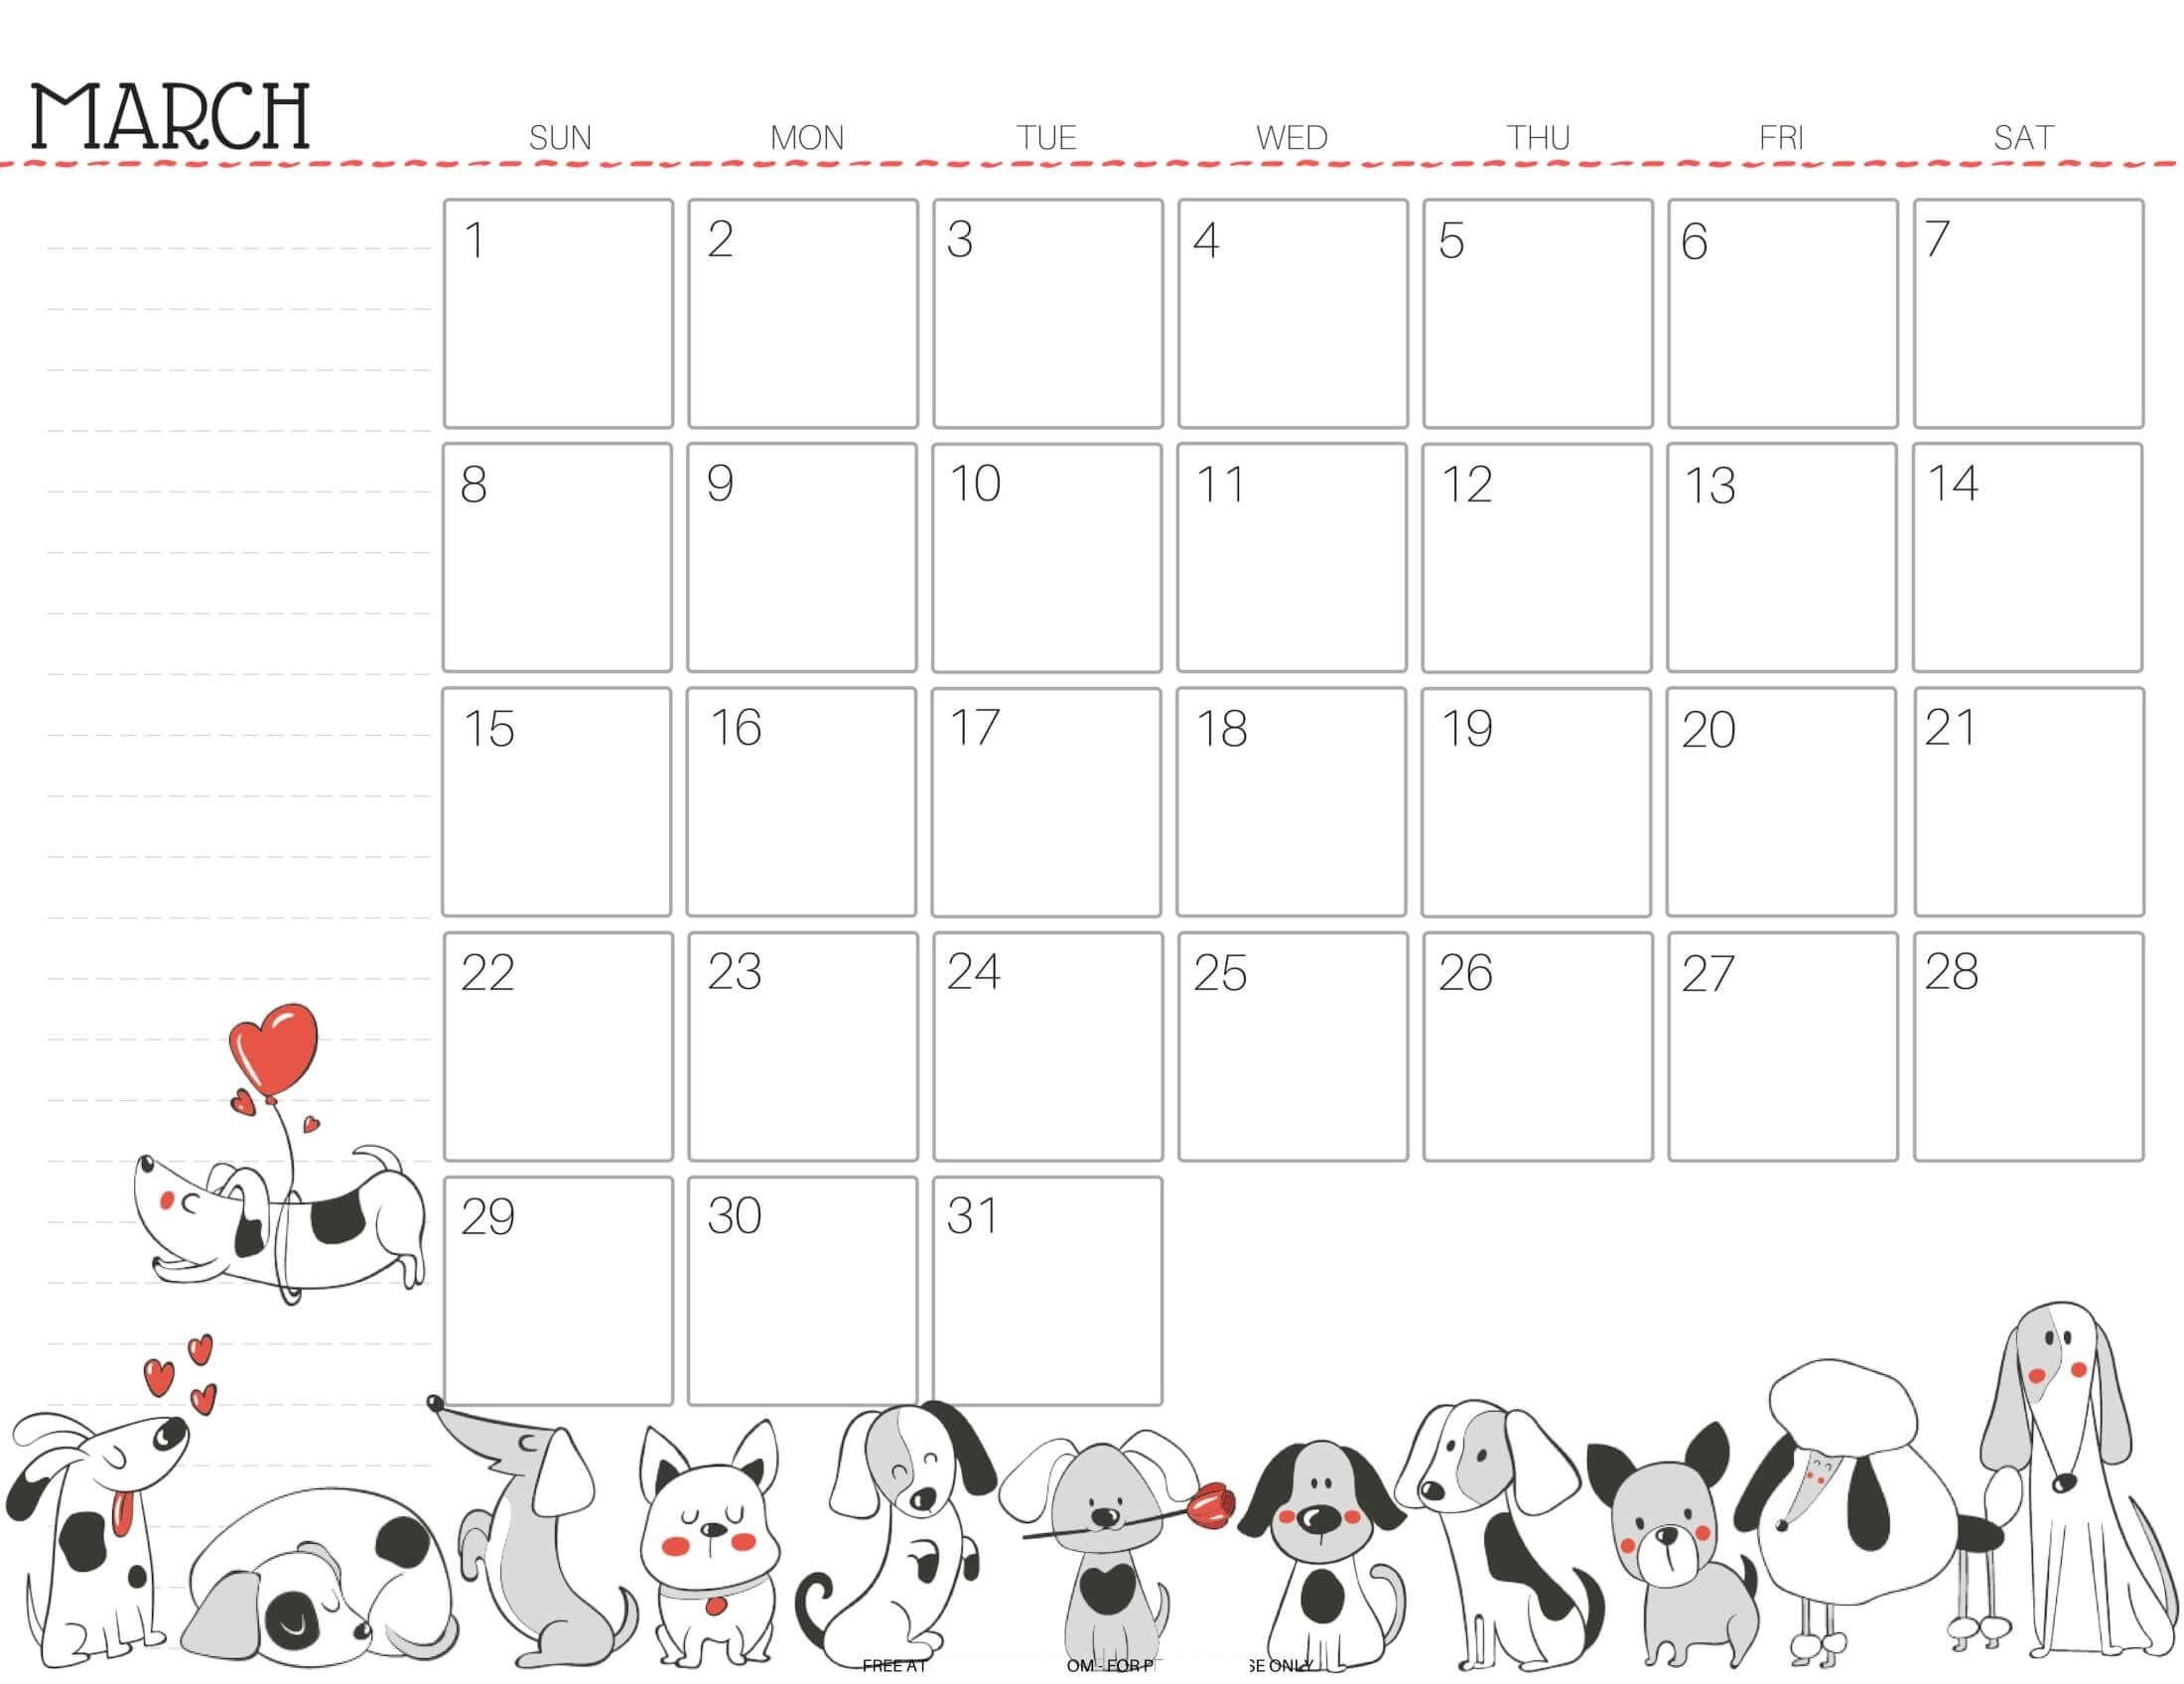 March 2021 Calendar US Federal Holidays